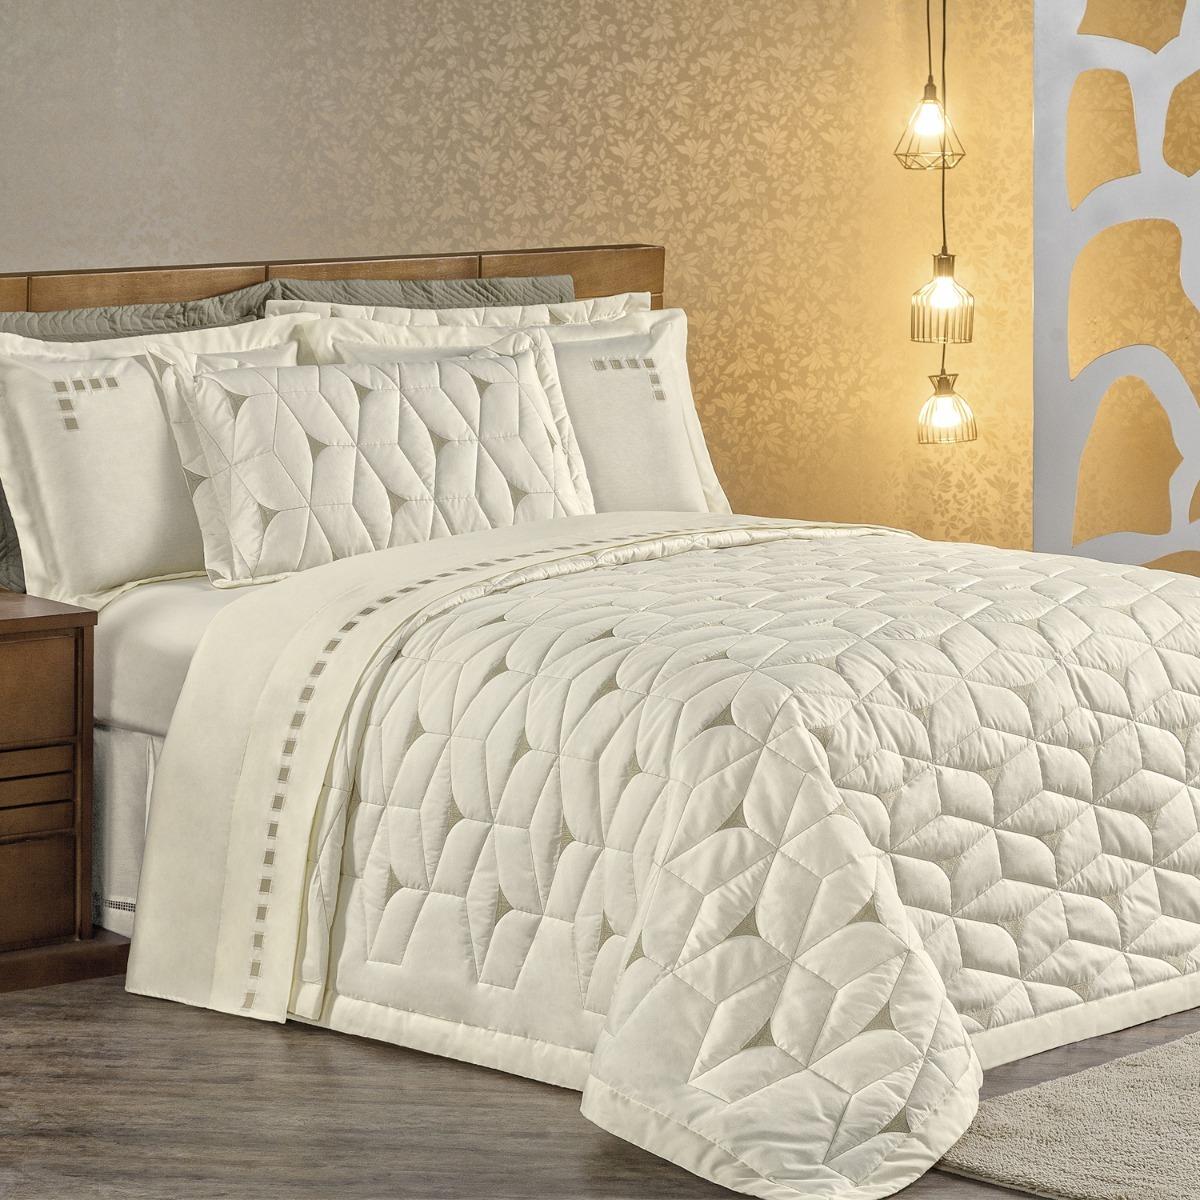 97134c409d kit cobre leito cama casal padrão + jogo de cama 7 peças. Carregando zoom.